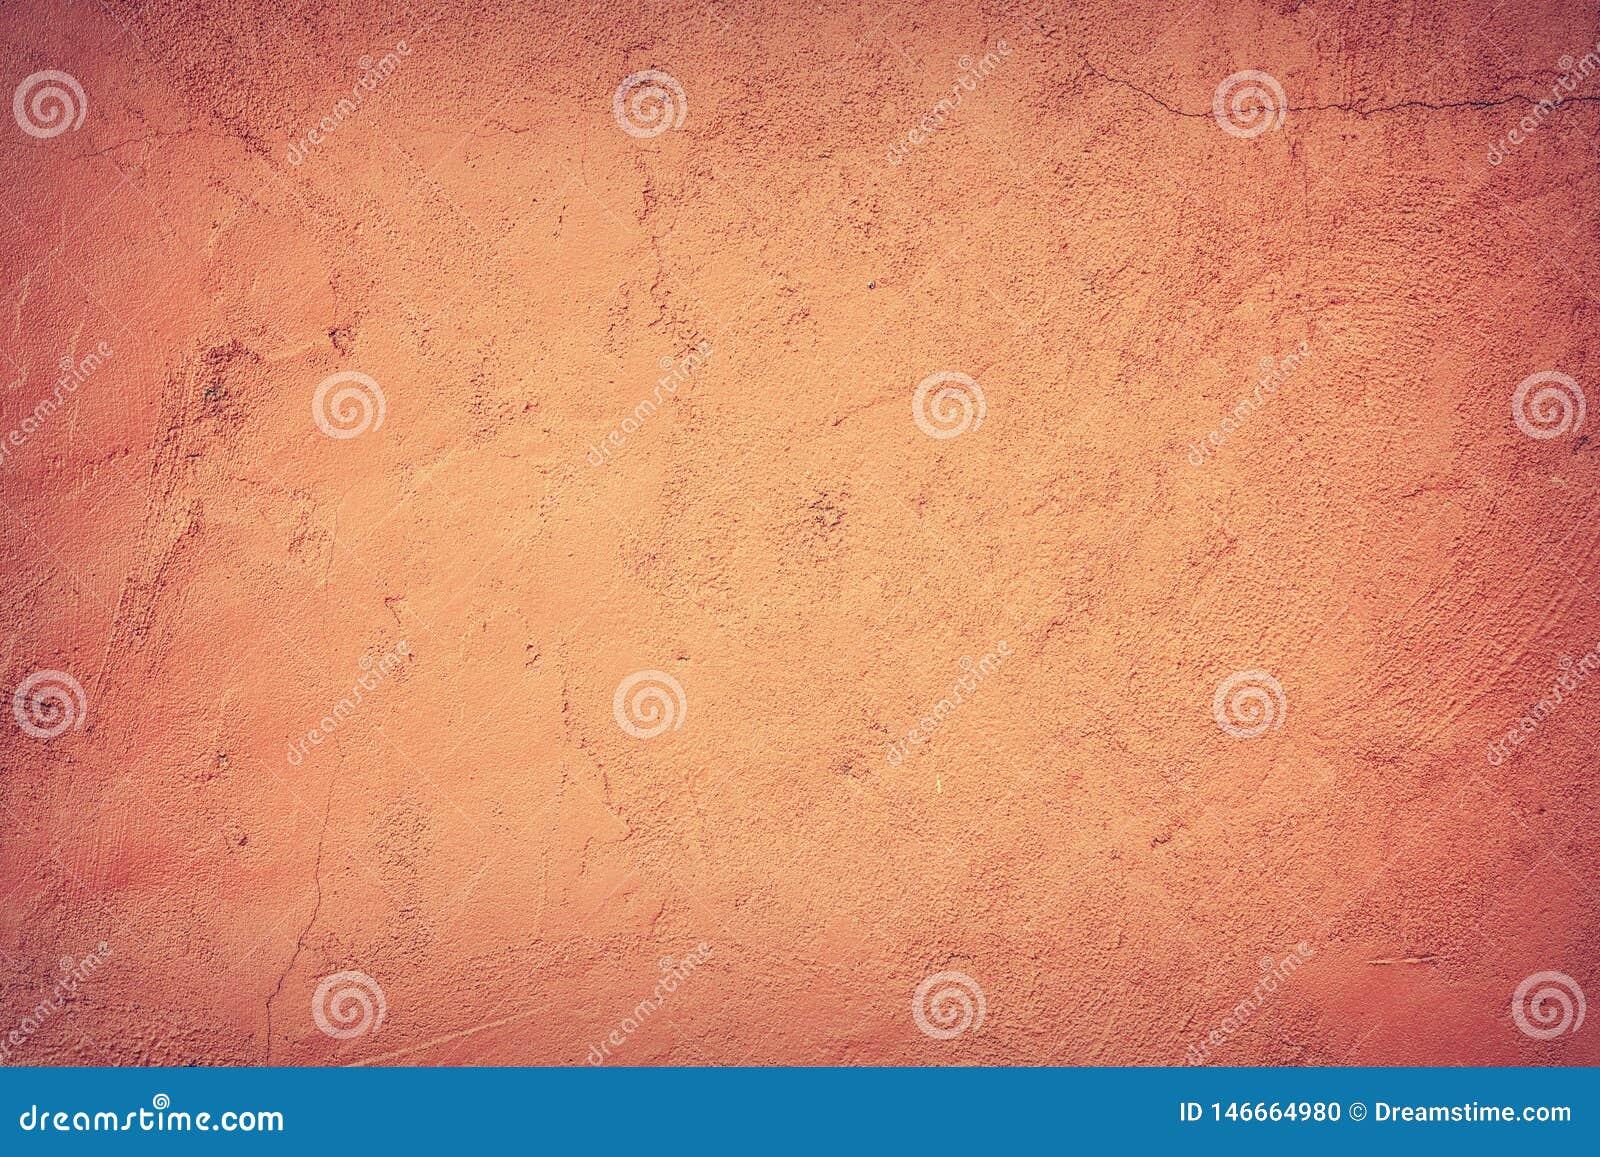 Abstracte achtergrond, de muur waarop het oranje pleister